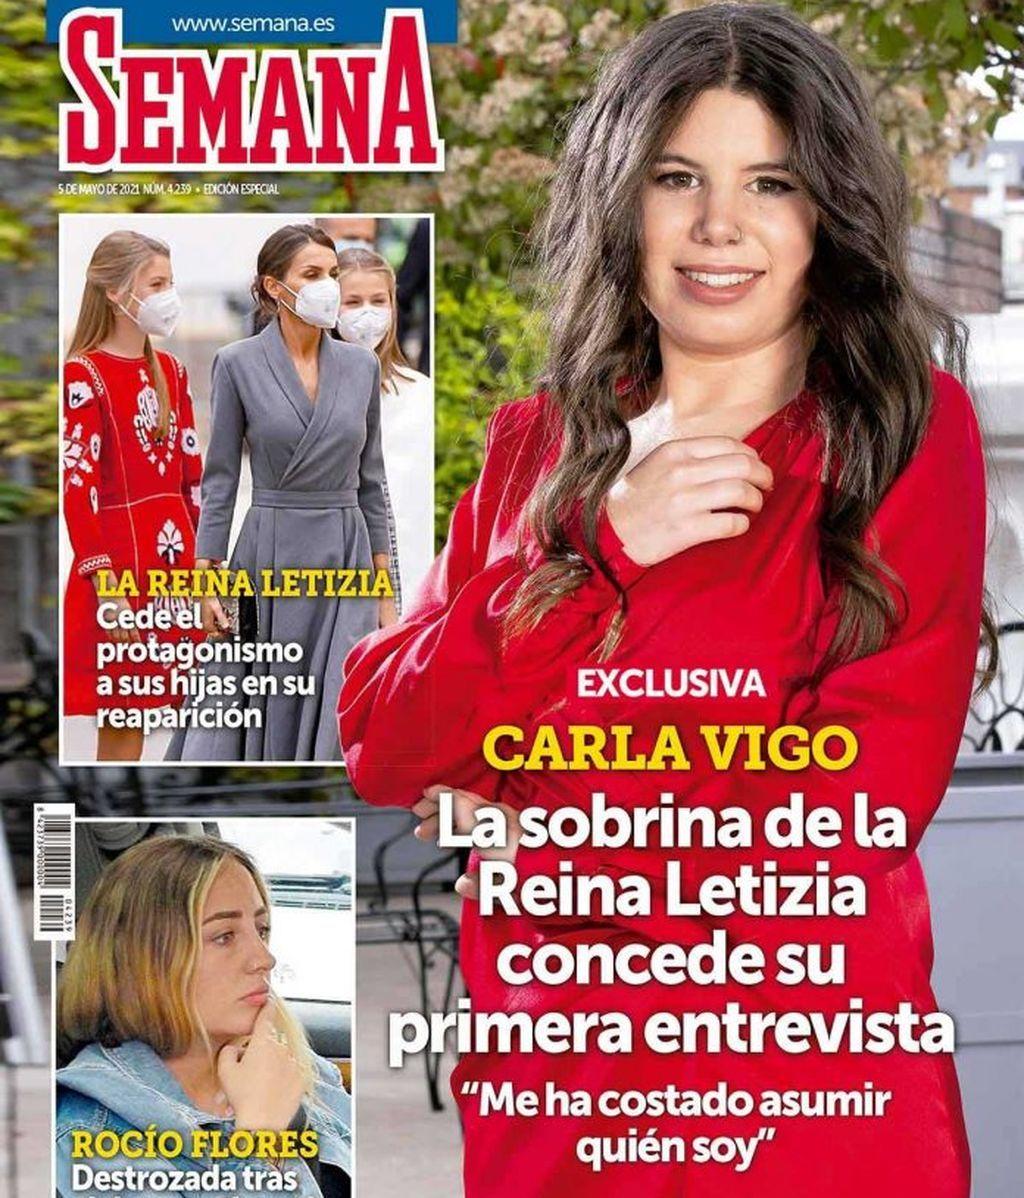 La portada de Carla Vigo Ortiz